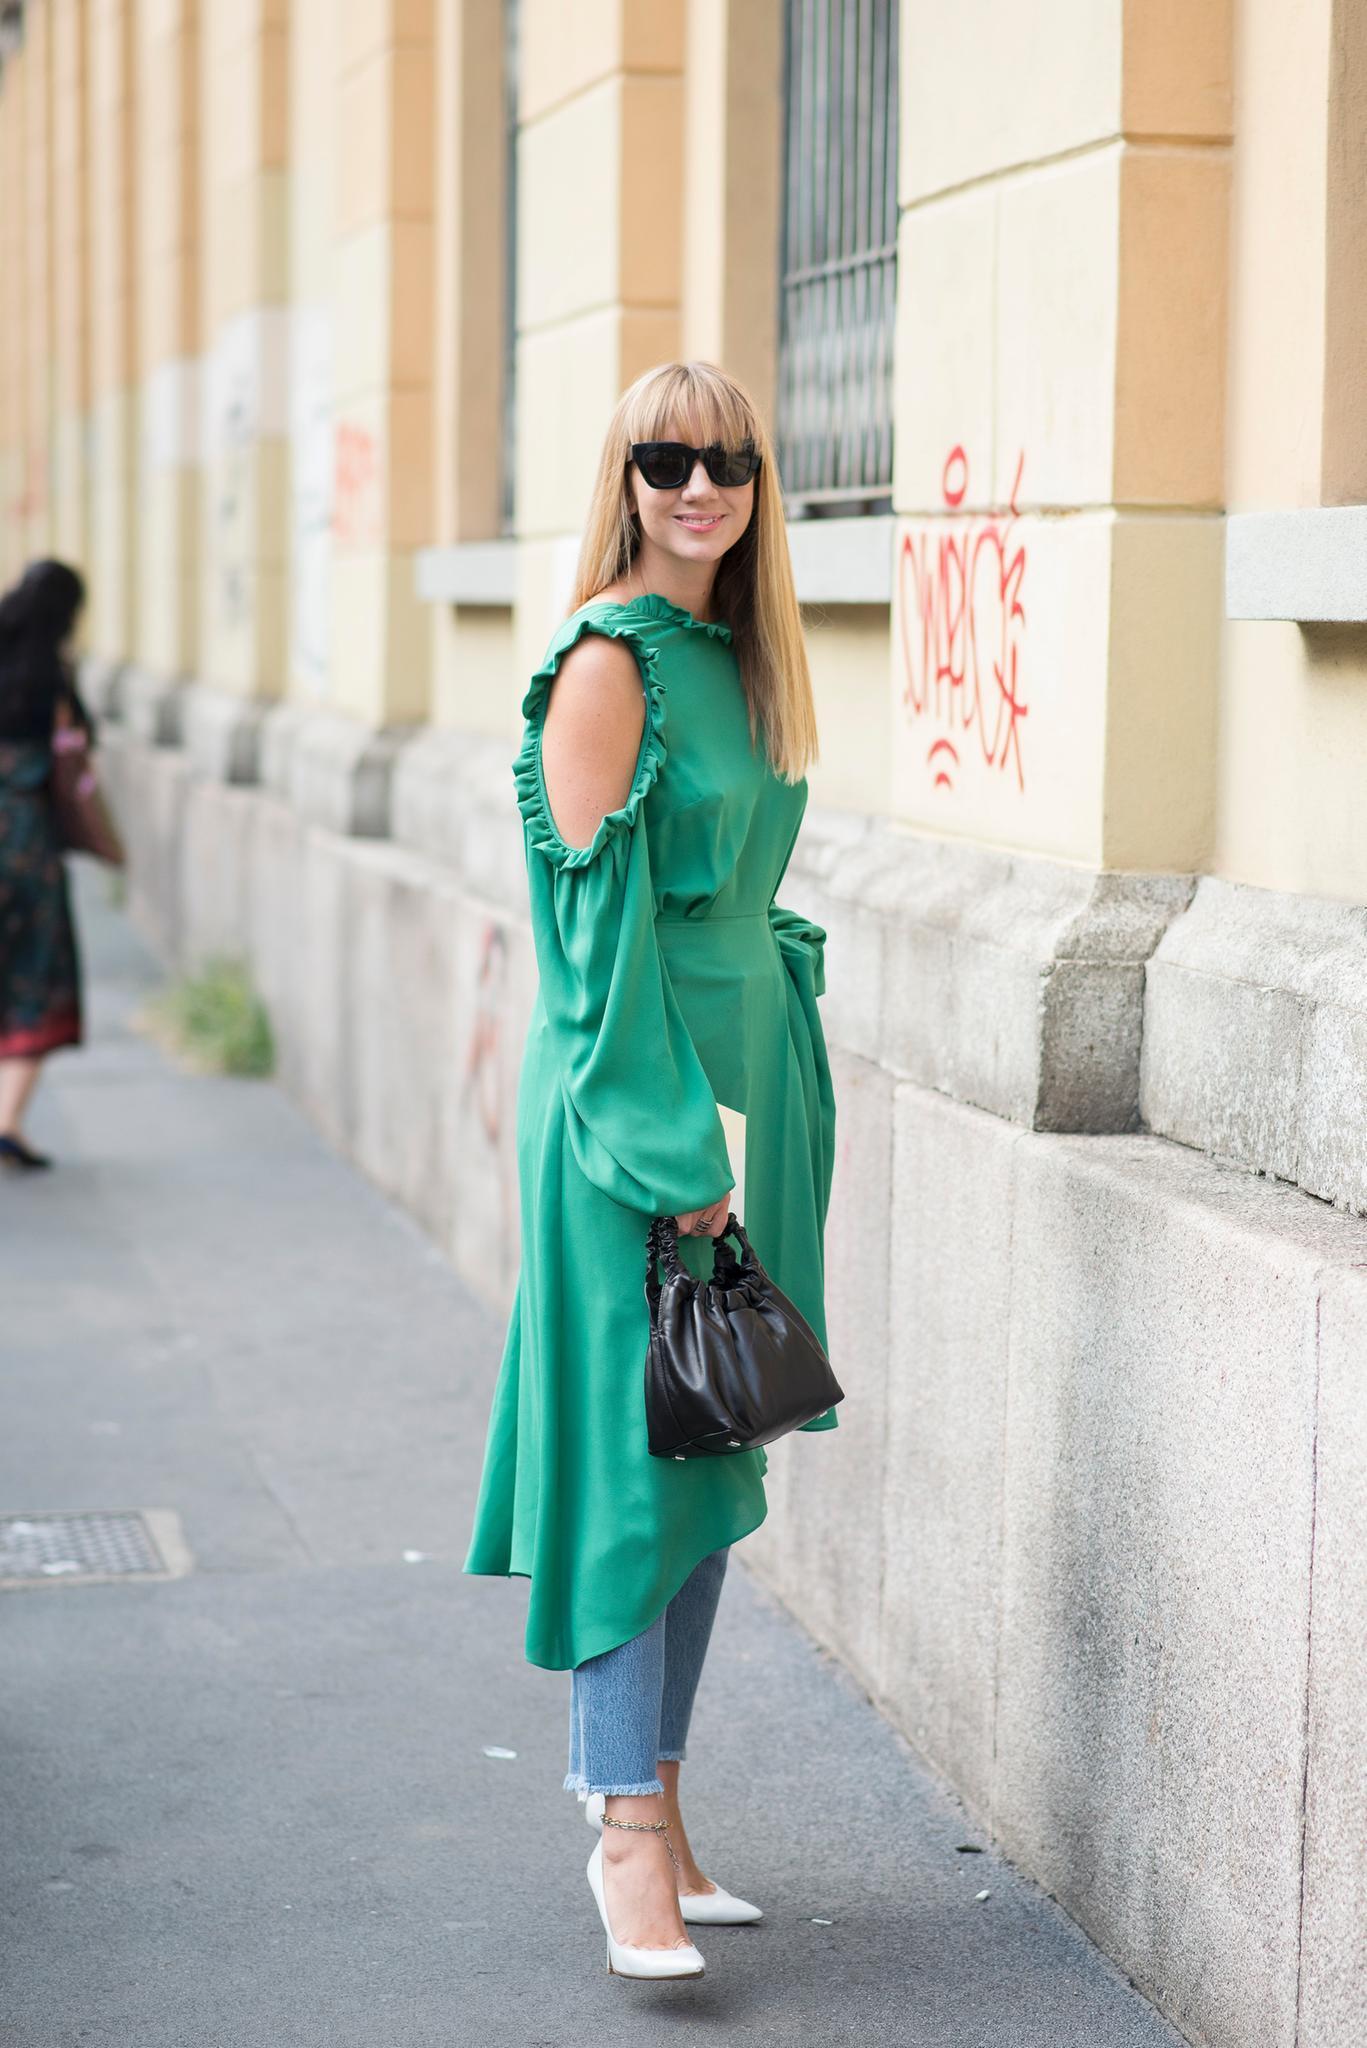 Kleid über Hose an Frau